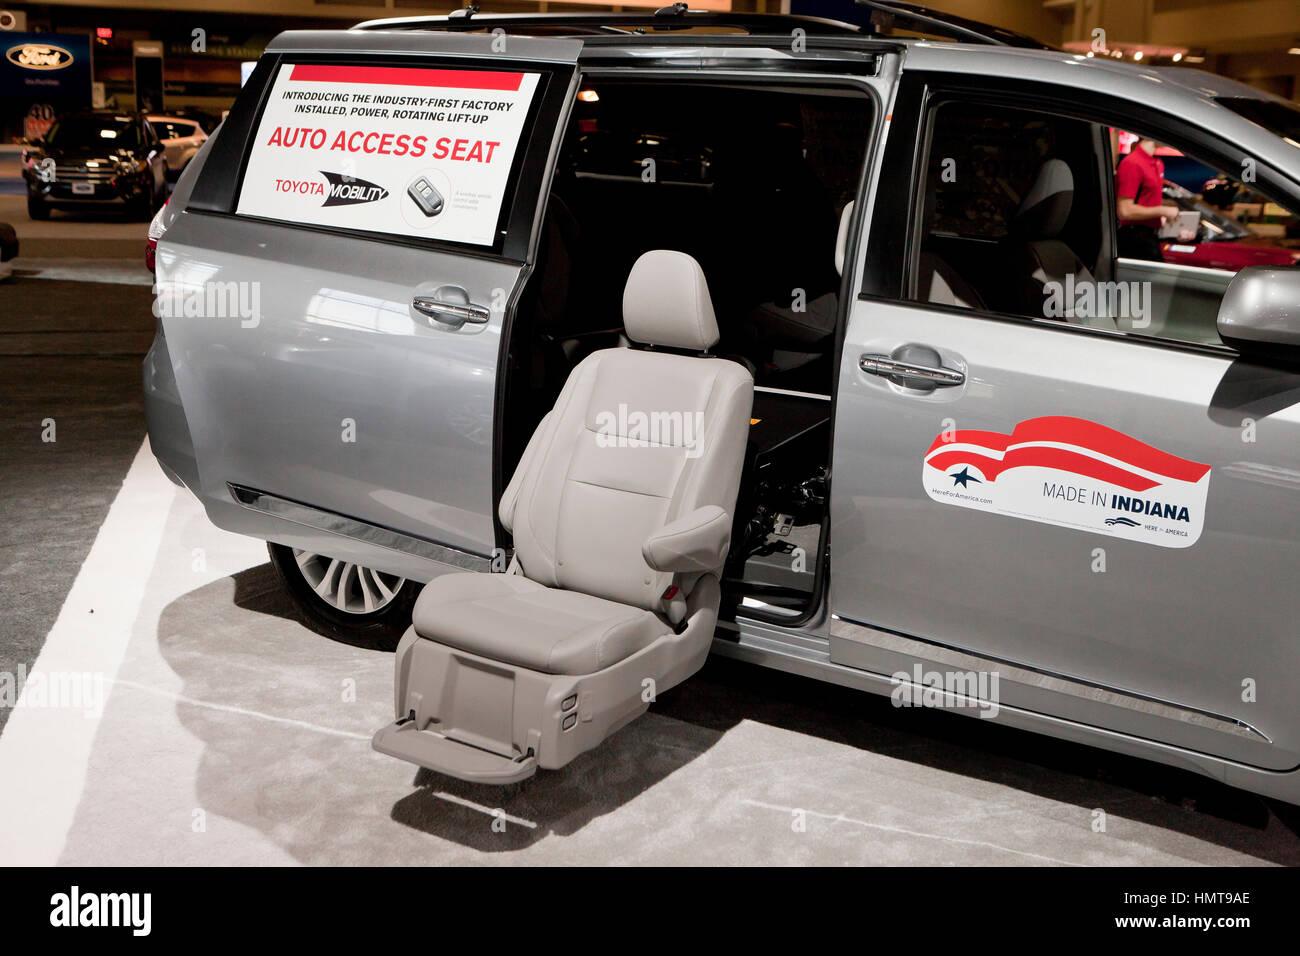 Toyota mobilità Accesso automatico sedile in Sienna minivan display a 2017 Washington Auto Show - Washington Immagini Stock